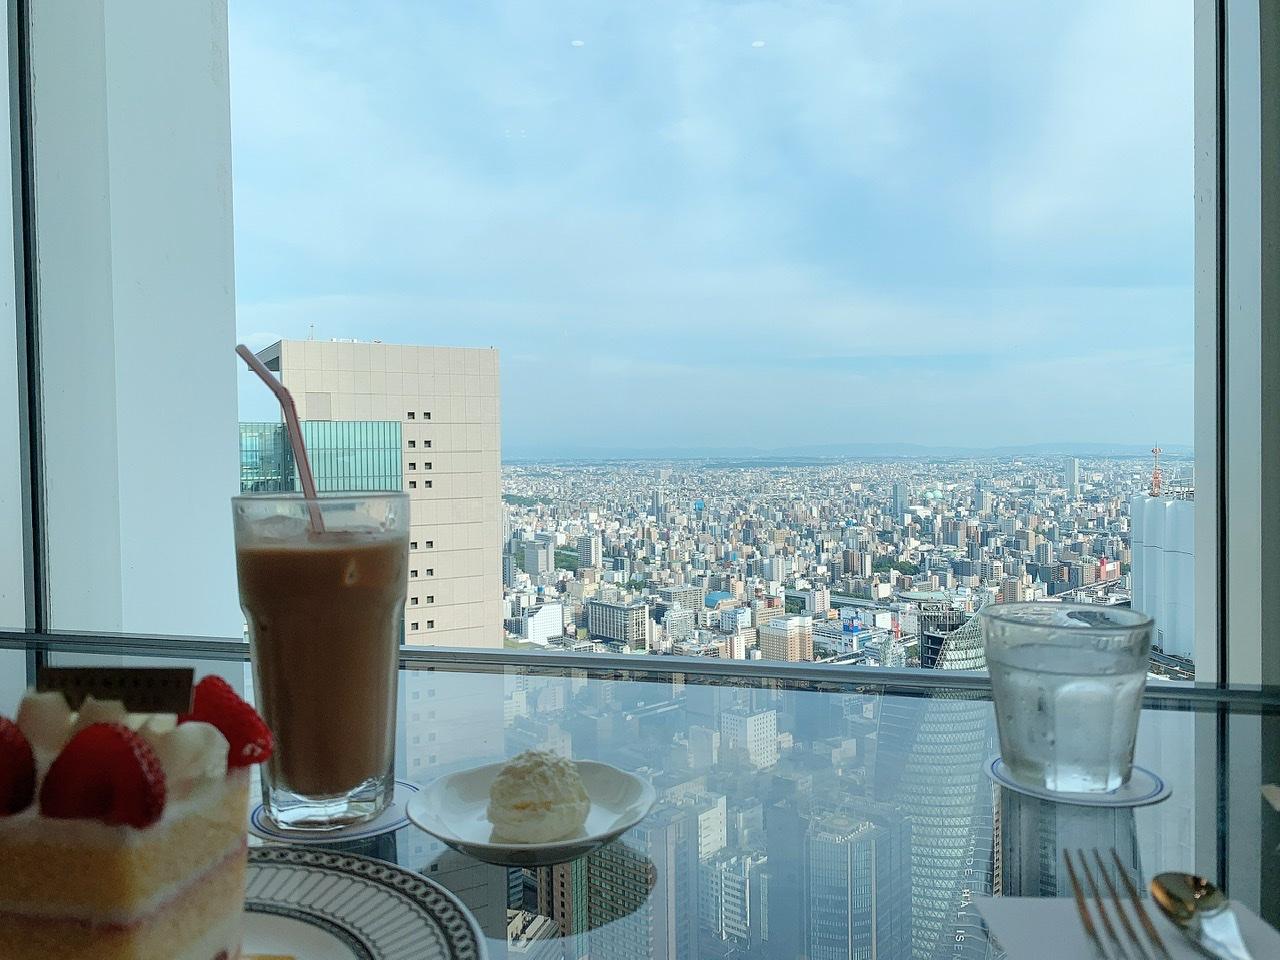 【名古屋一景色の良いcafe:カフェ ド シエル】in高島屋の51階_1